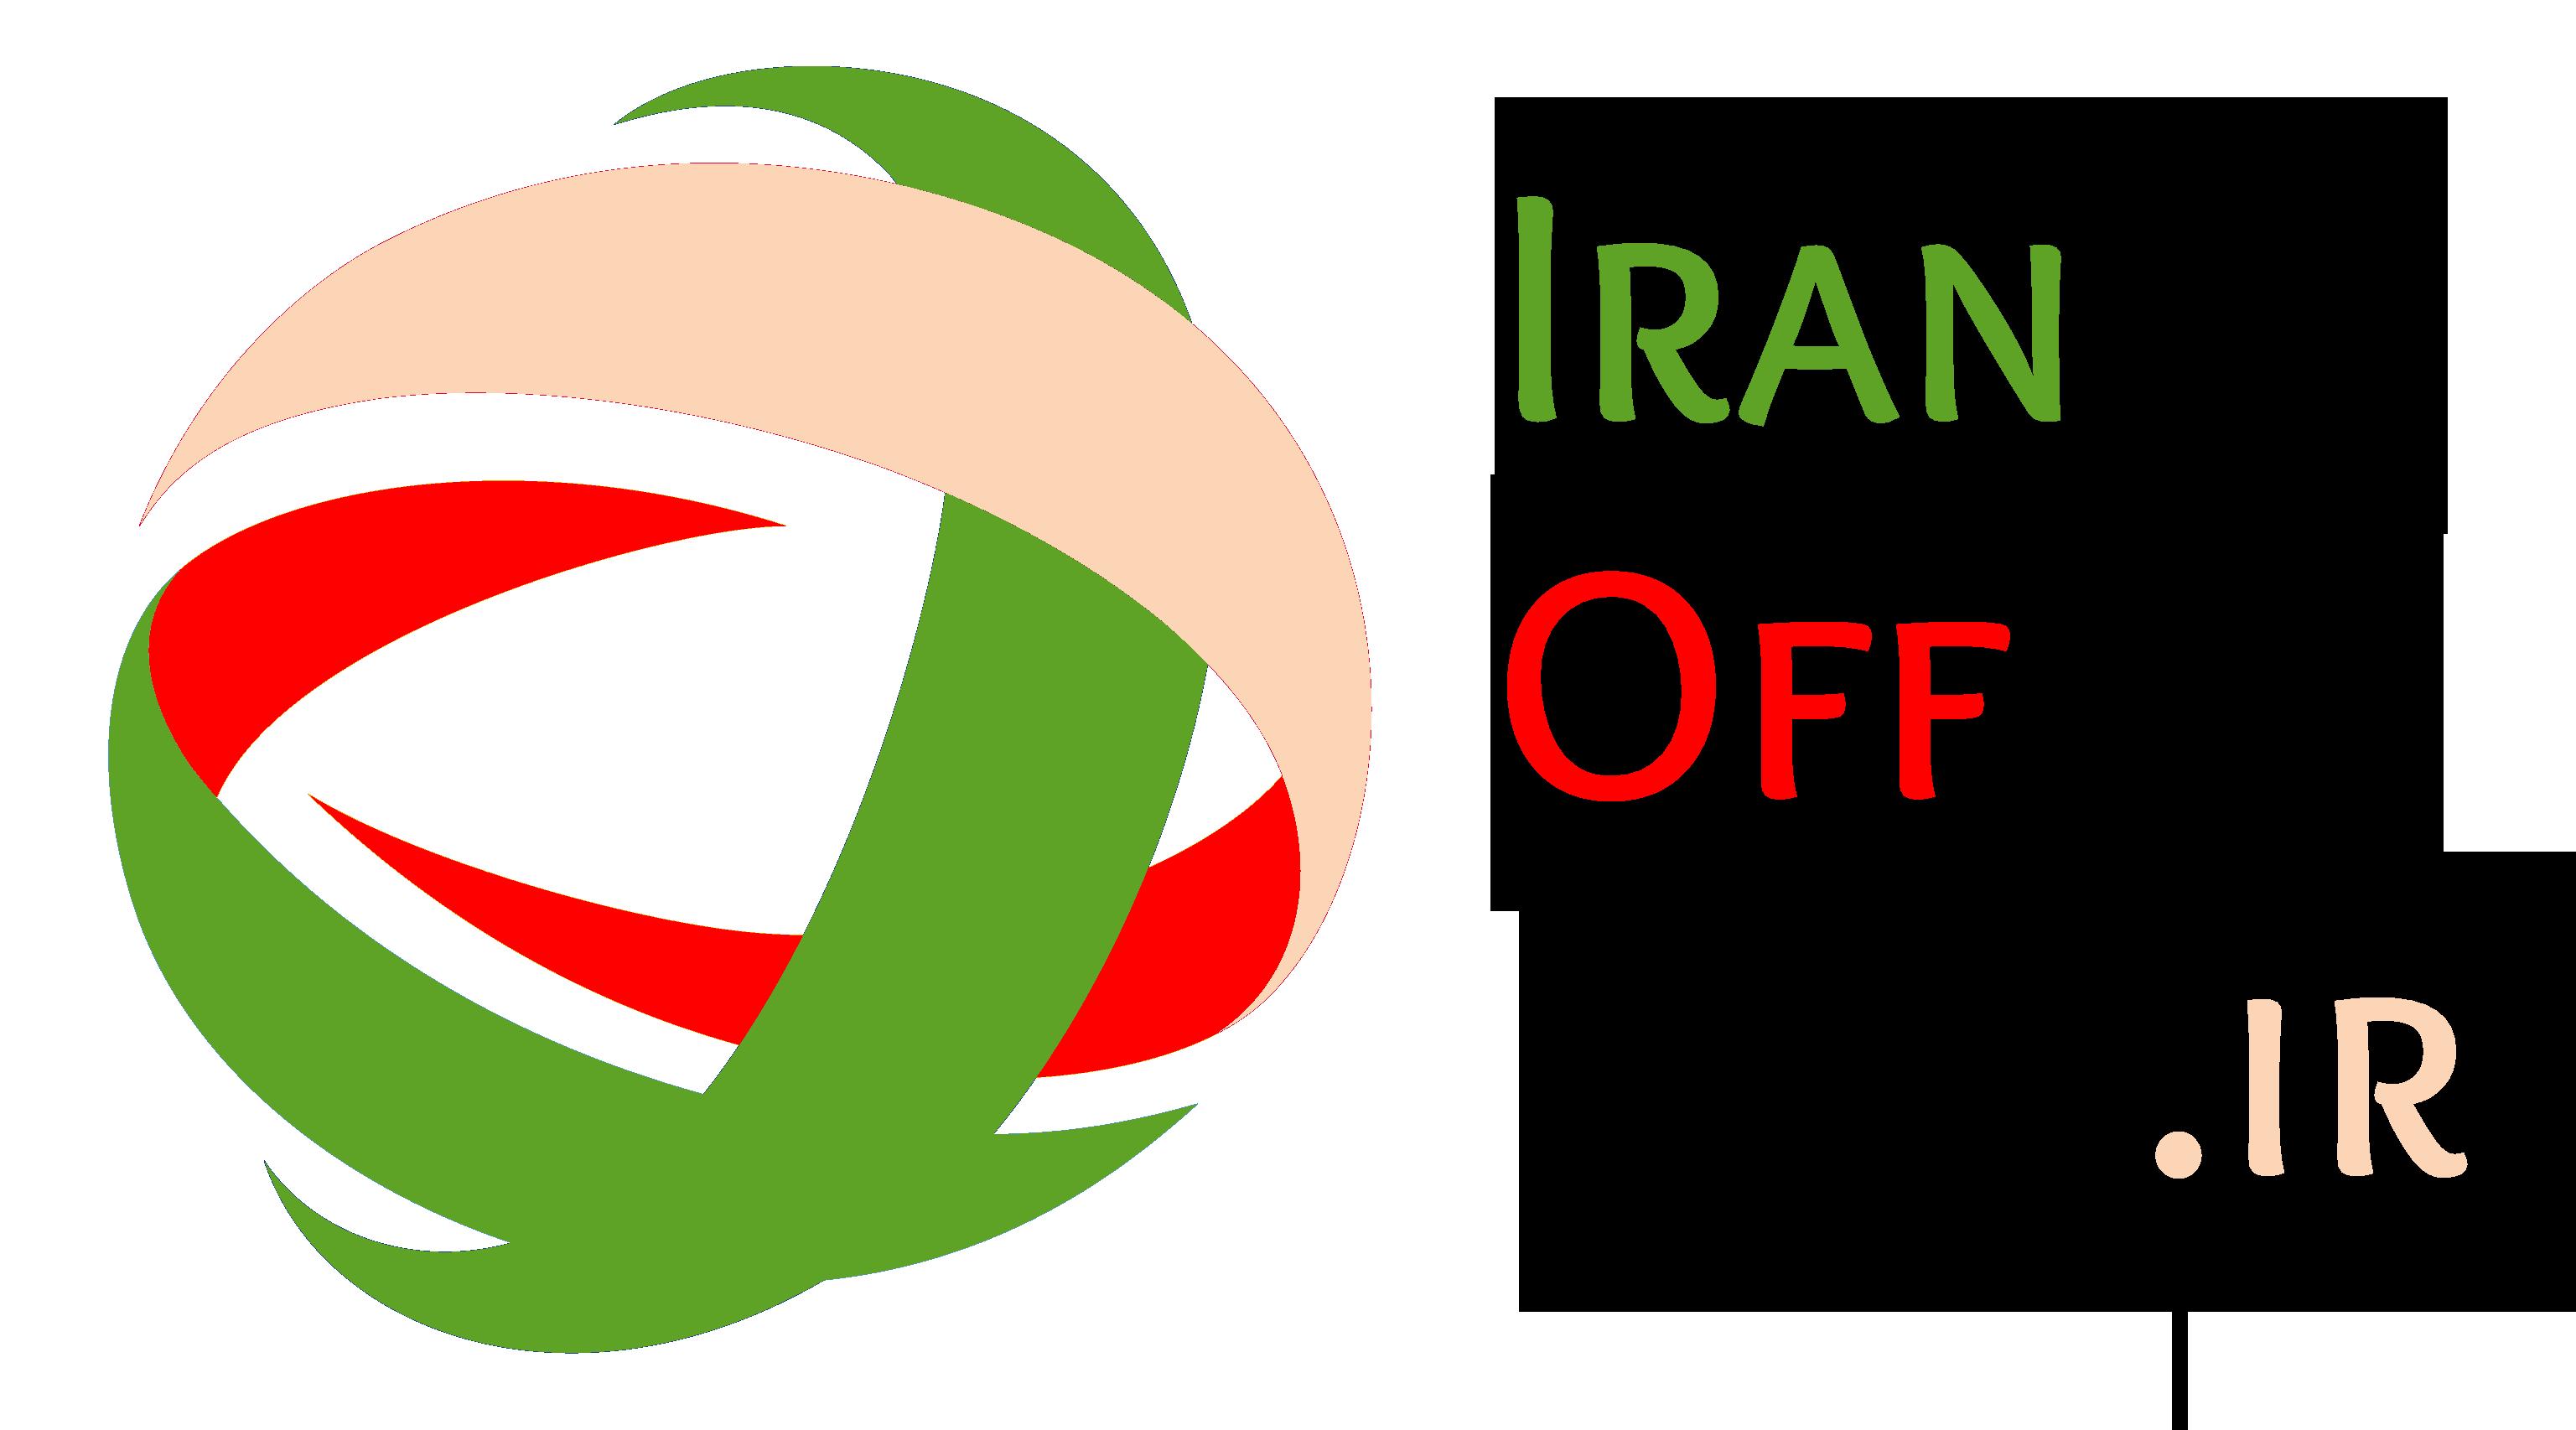 فروشگاه اینترنتی ایران آف کالا